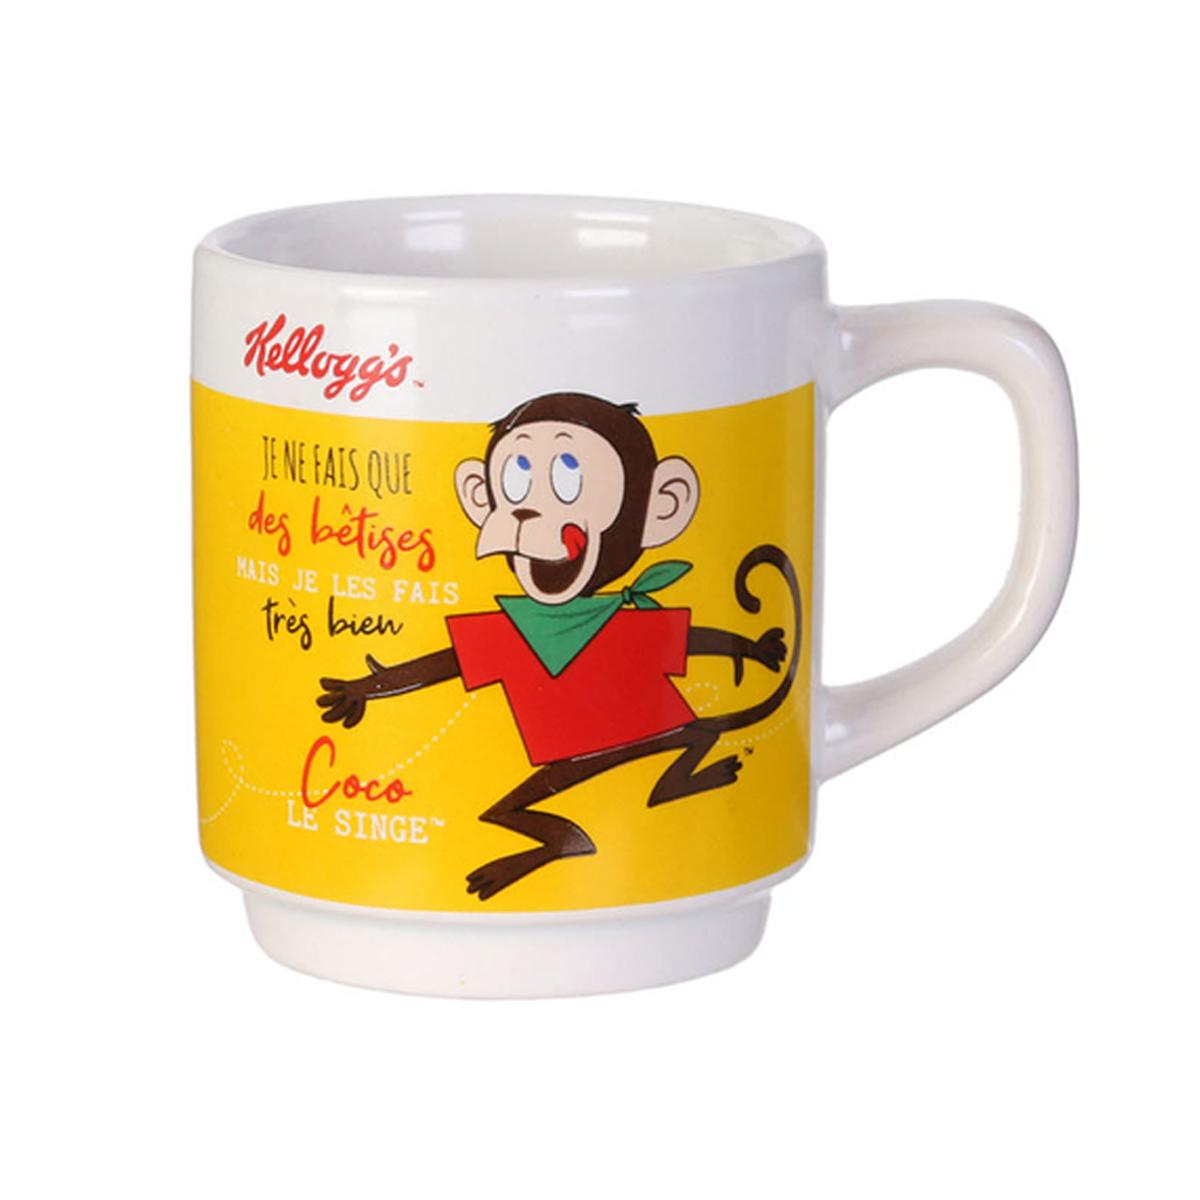 Mug céramique empilable \'Kellogg\'s\' jaune - 8x6 cm (12 cl) - [A1753]